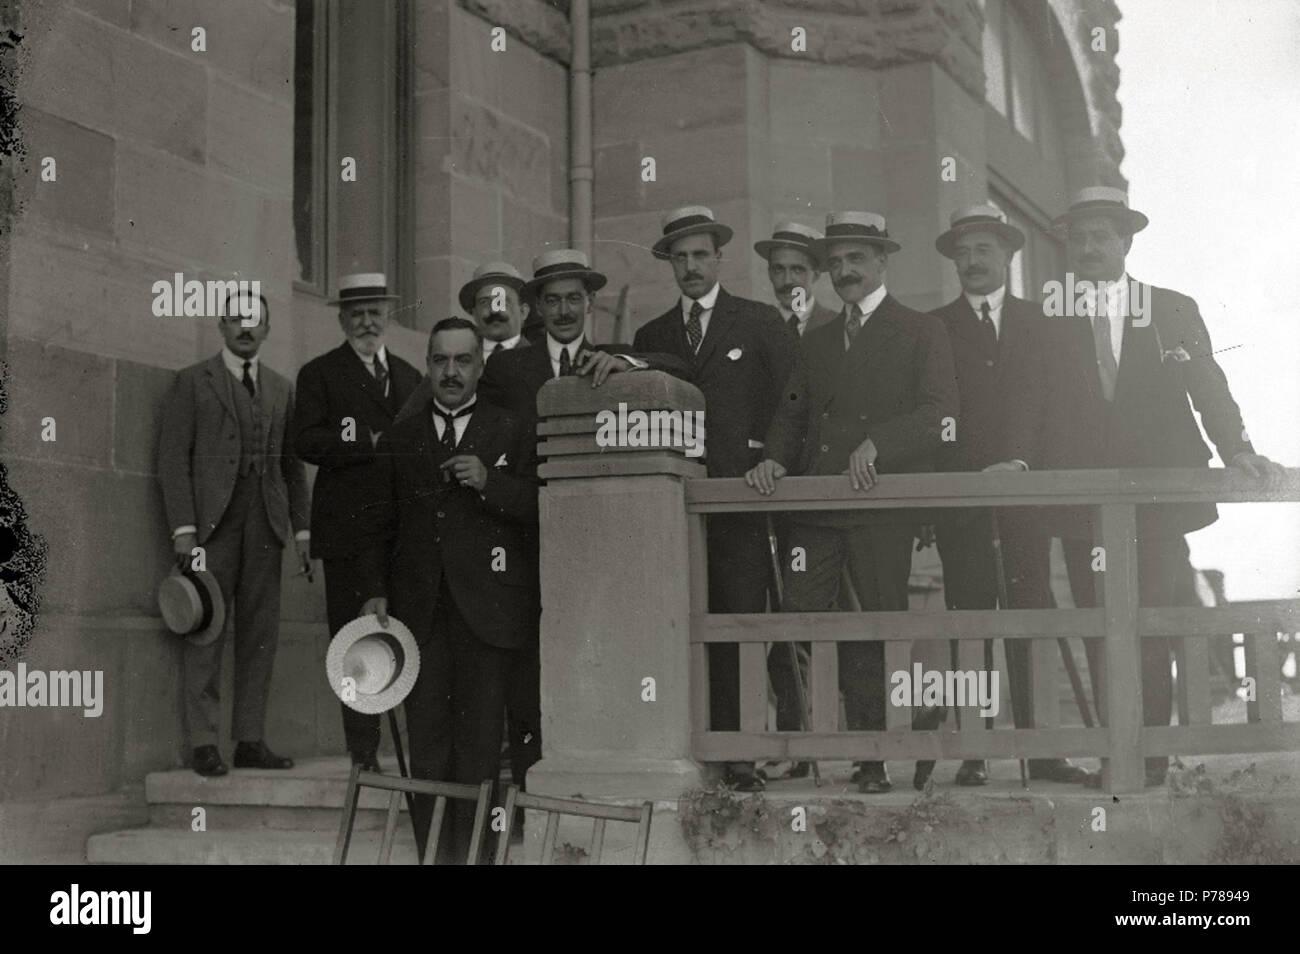 Español: Título original: Grupo de hombres en la terraza del Hotel Igeldo (1/1) Localización: San Sebastián (Guipúzcoa)  . 1916 35 Grupo de hombres en la terraza del Hotel Igeldo (1 de 1) - Fondo Car-Kutxa Fototeka - Stock Image